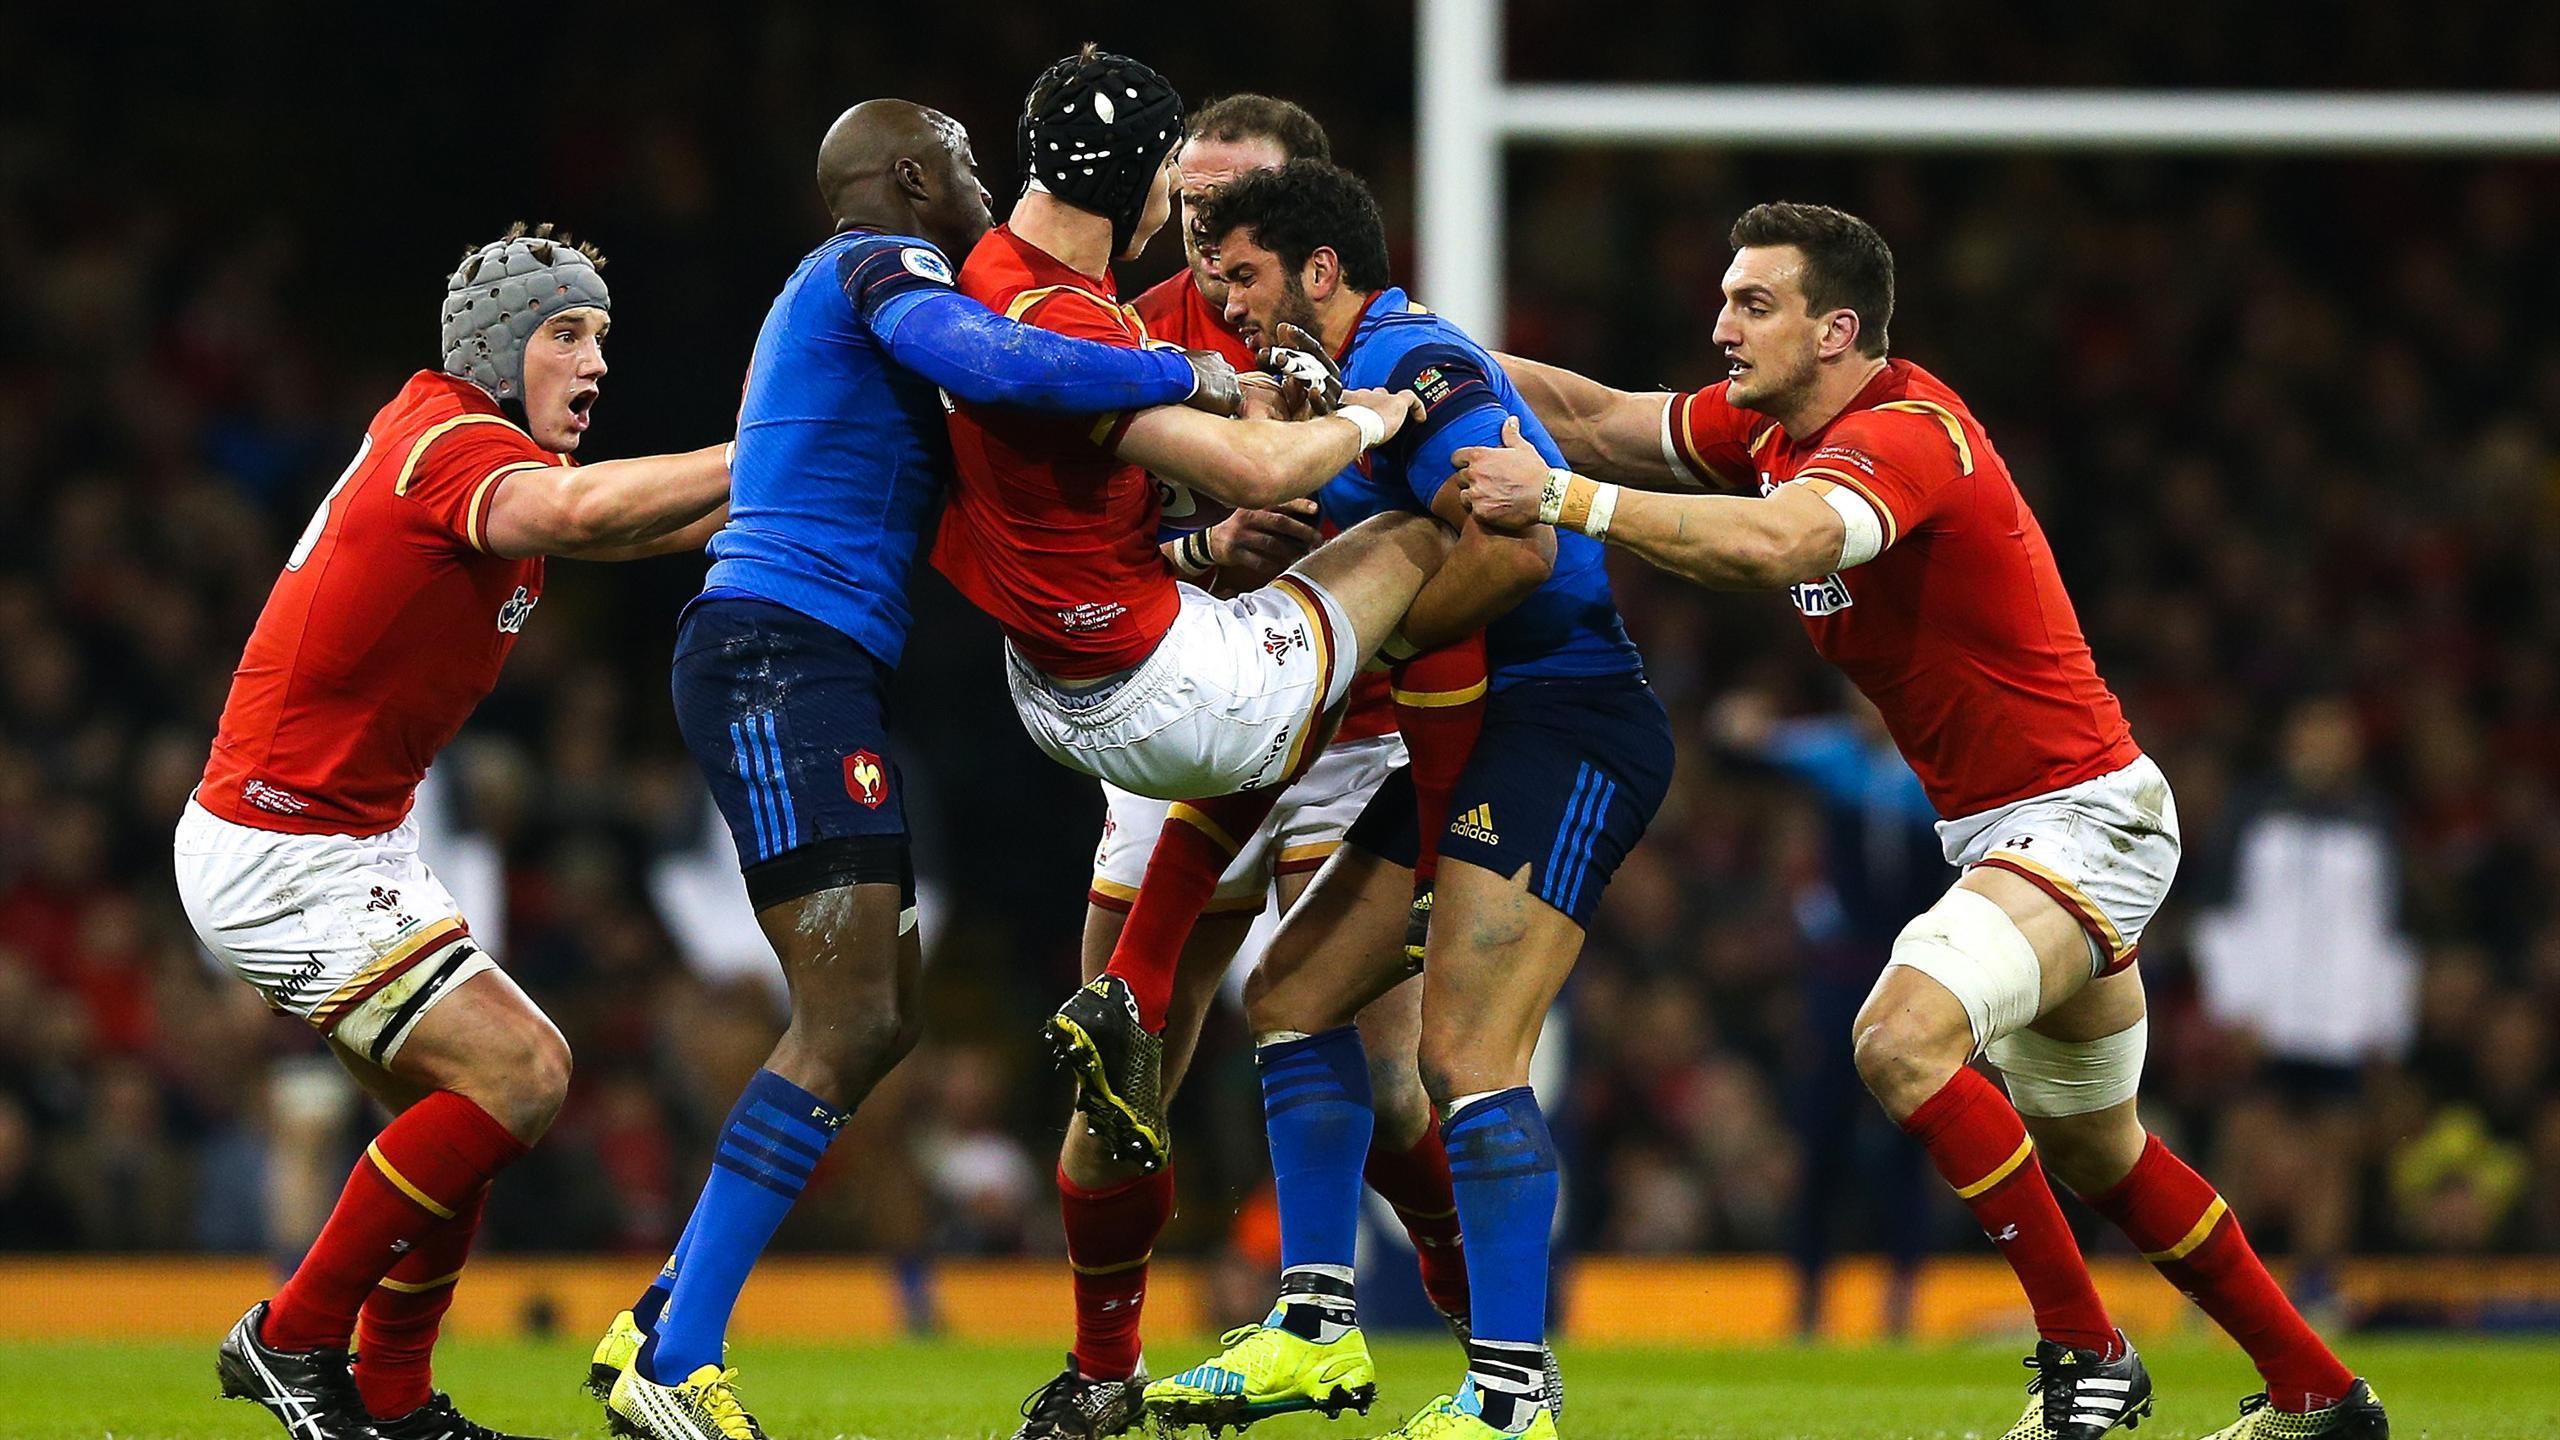 Djibril Camara et Maxime Mermoz (XV de France) face au pays de Galles - 26 février 2016